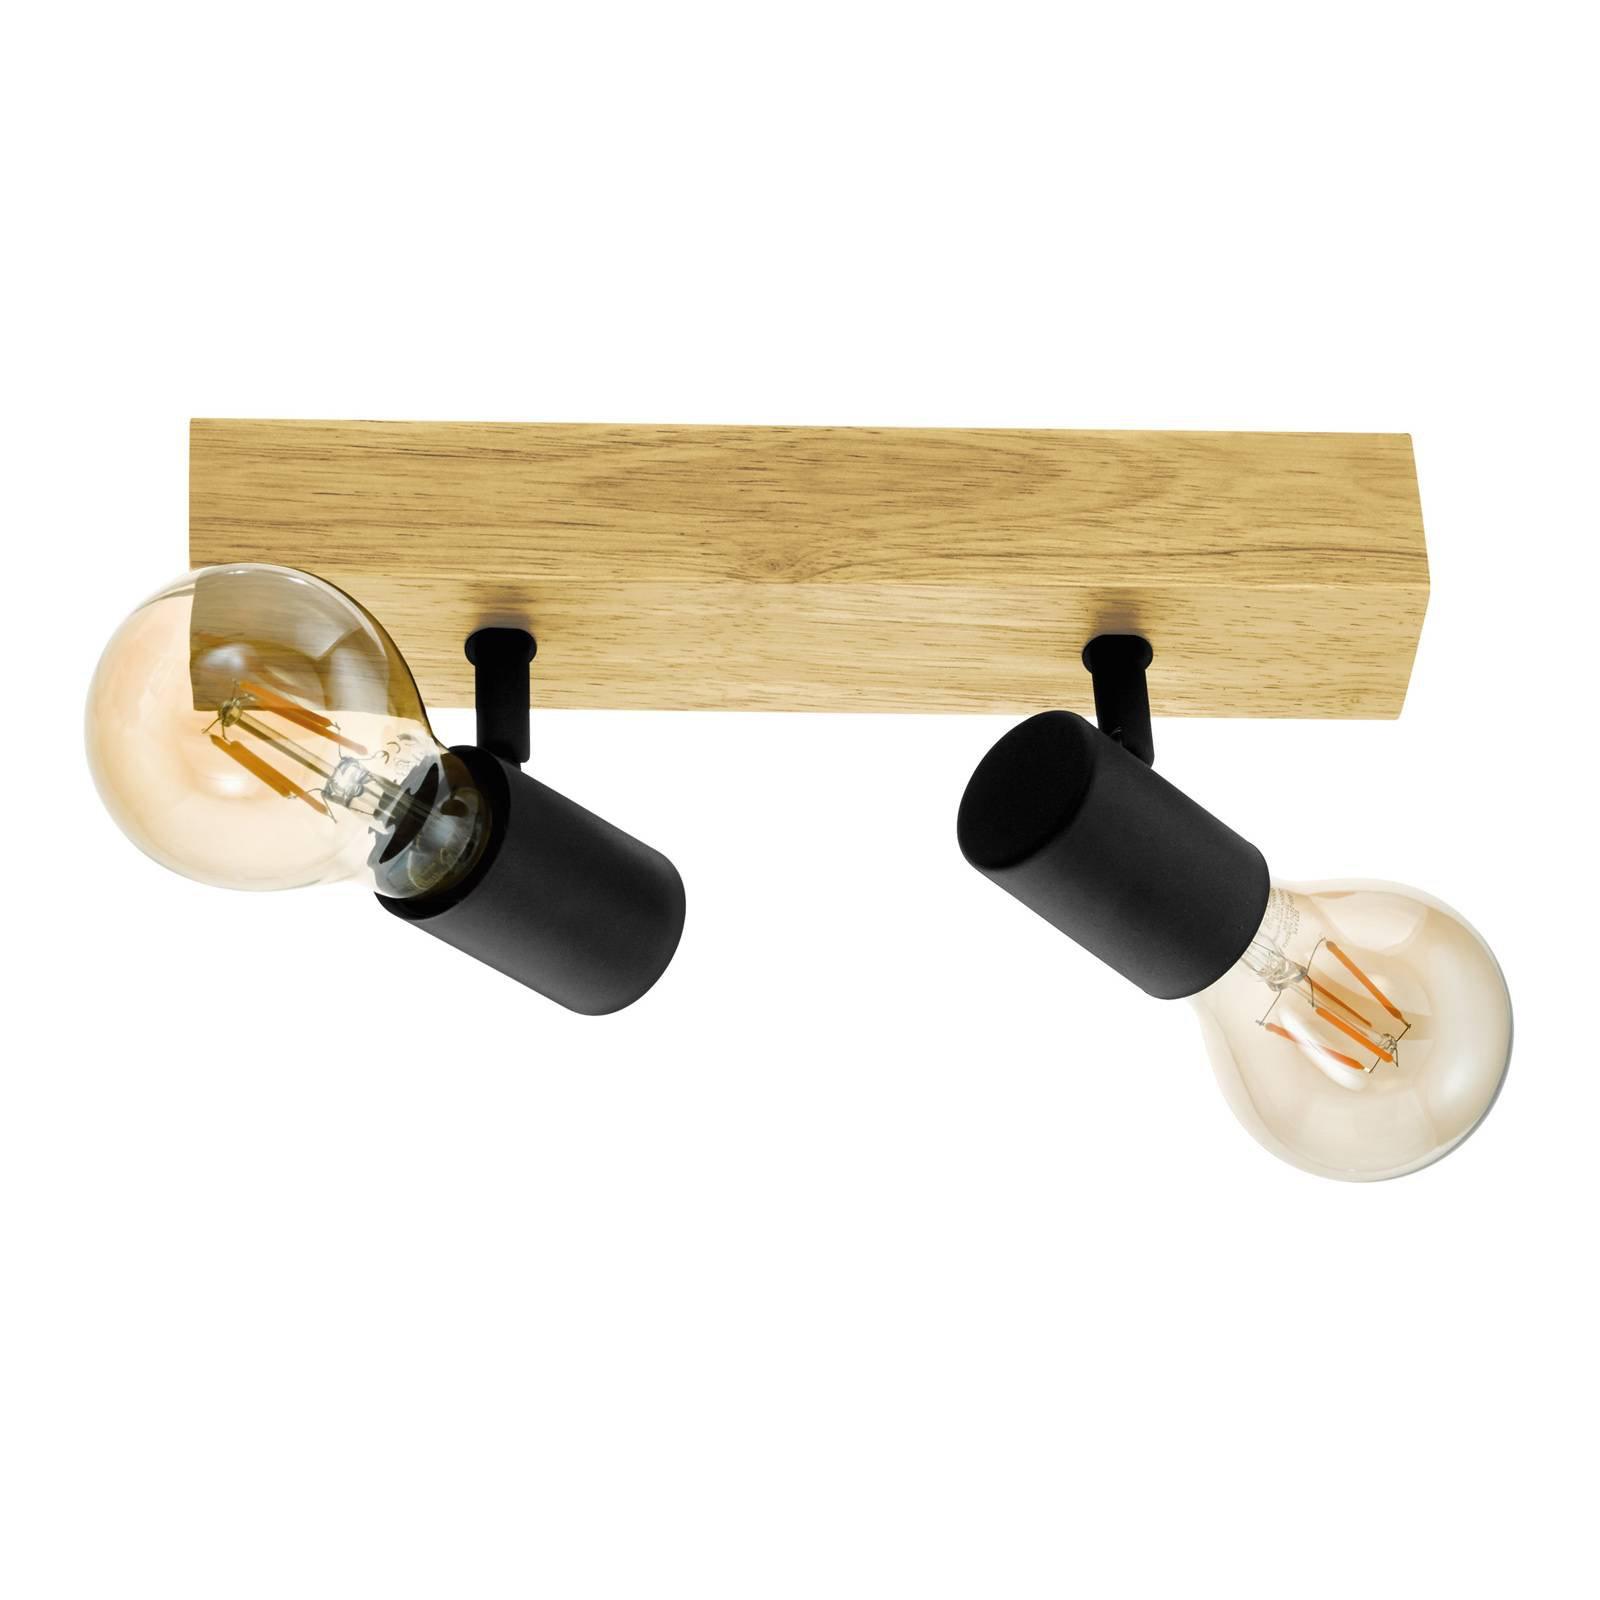 Taklampe Townshend 3 av tre, 2 lyskilder